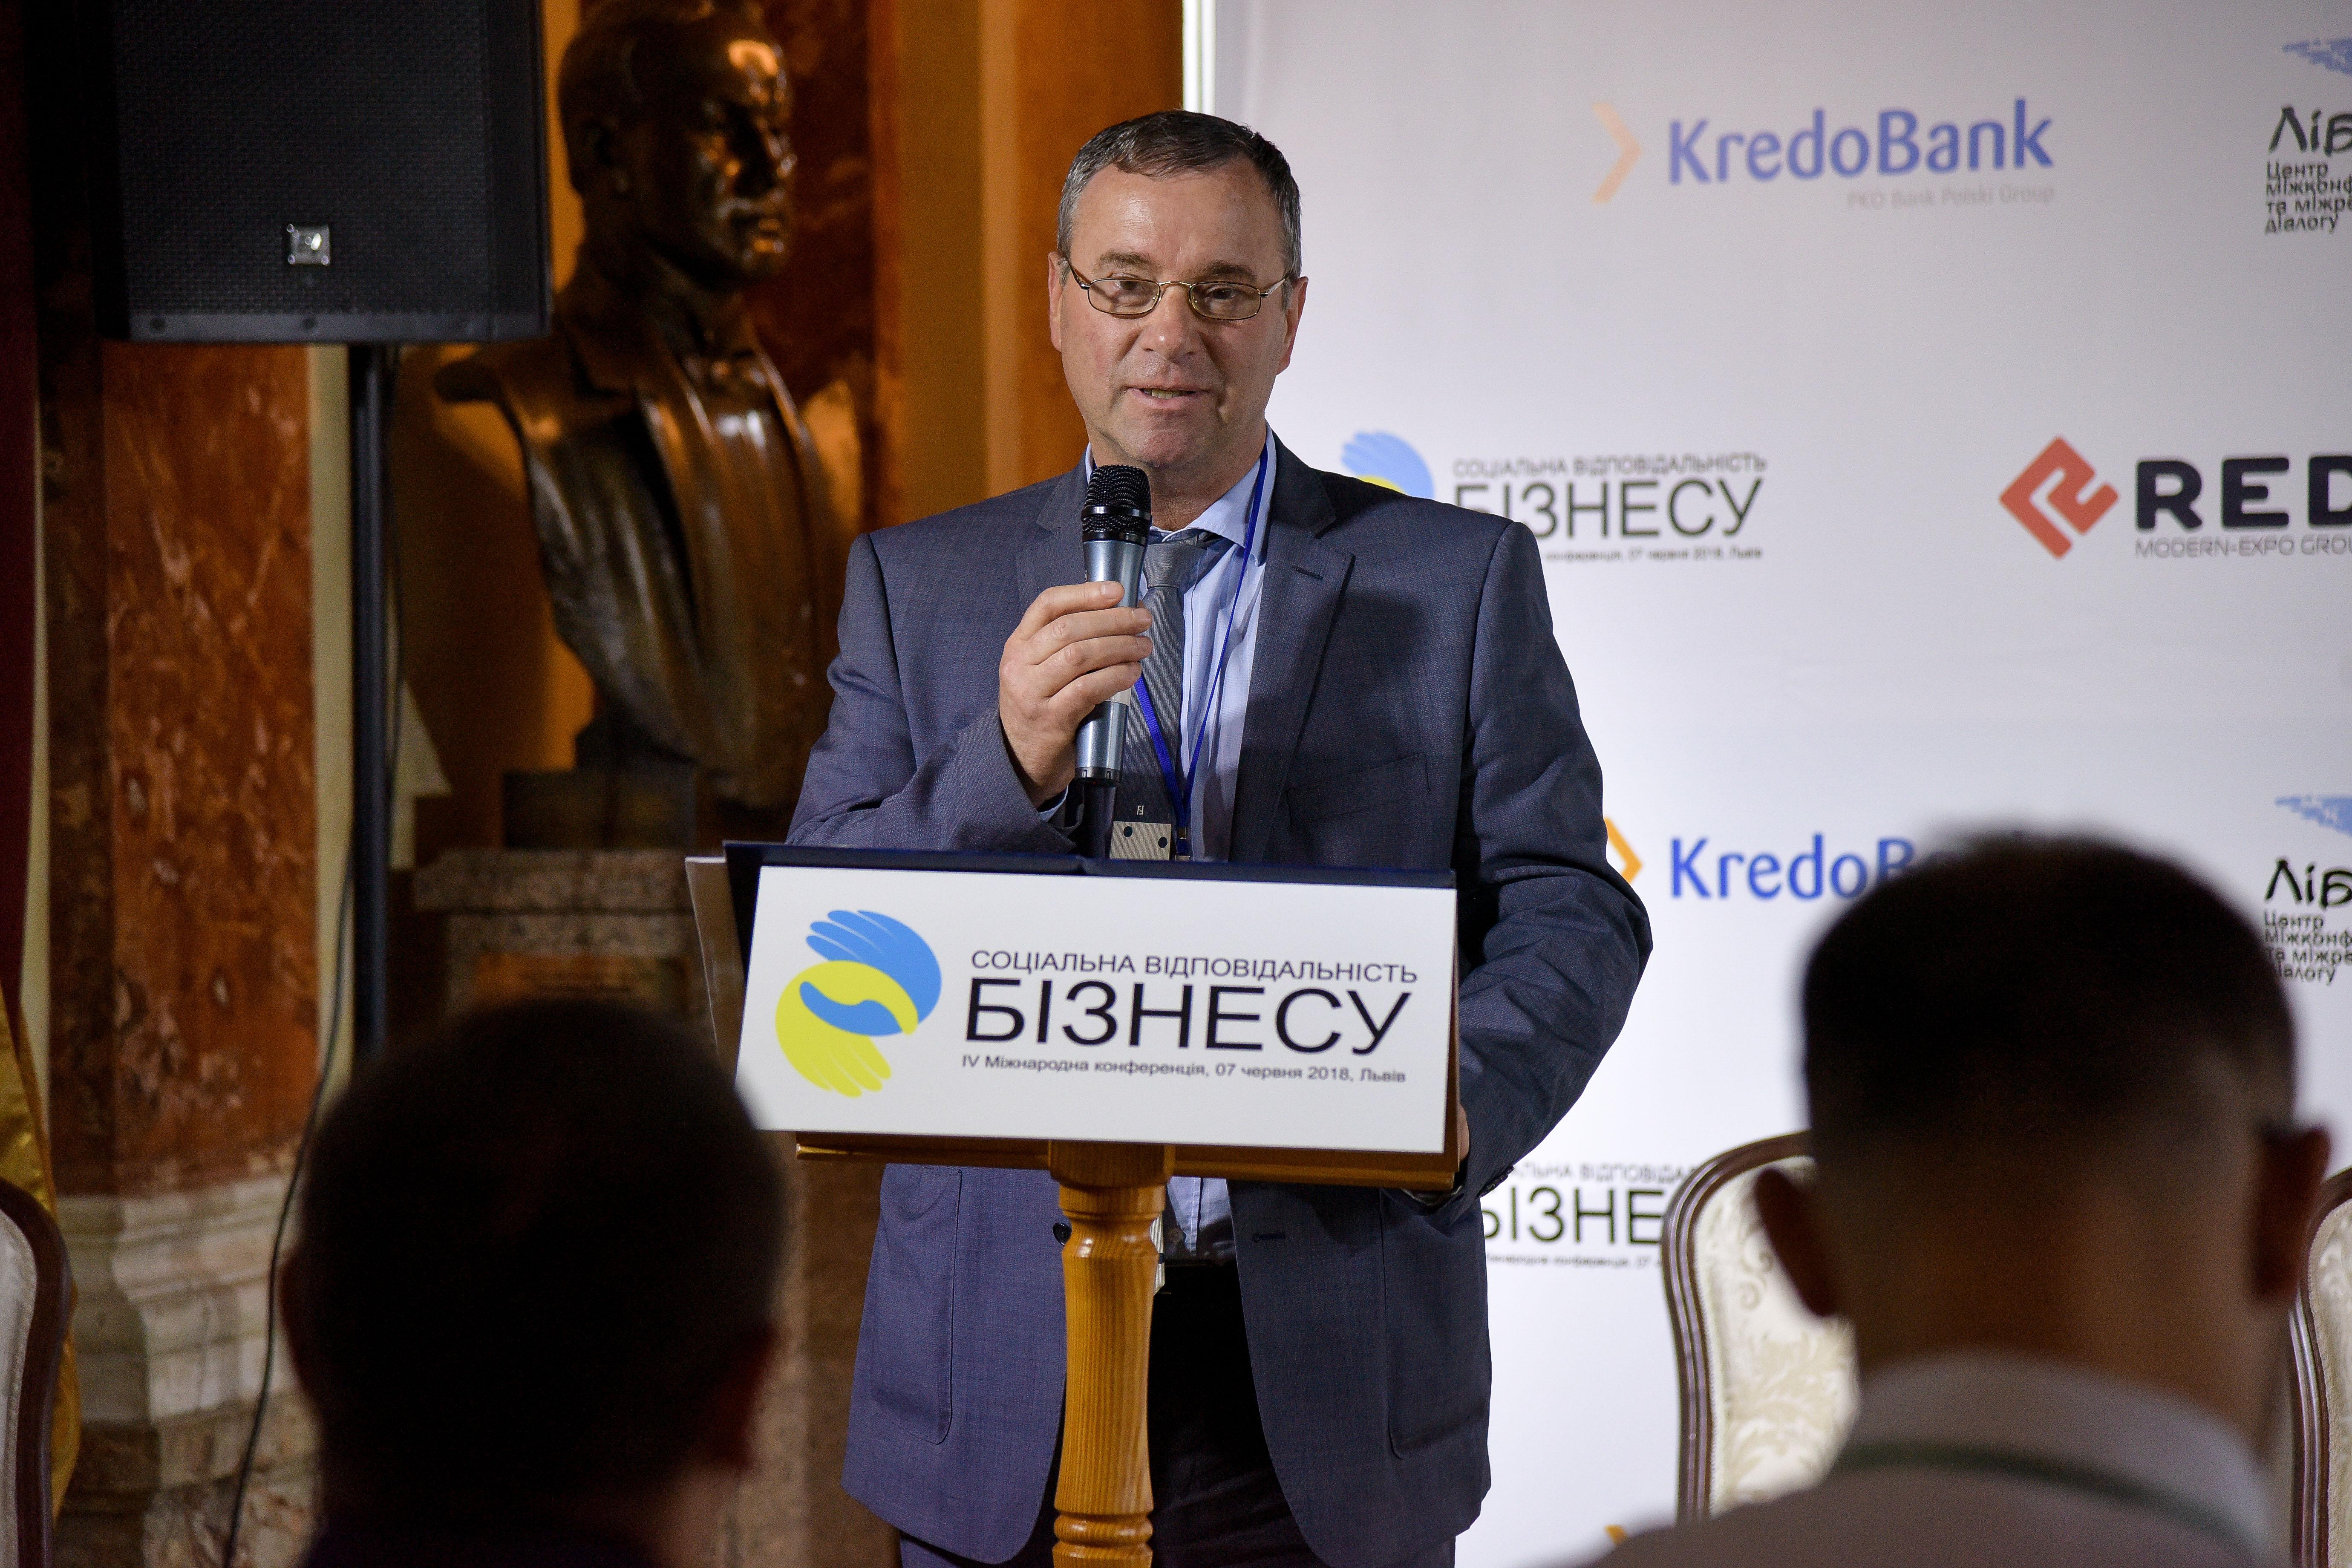 Здебільшого питання стосувалися працевлаштування молоді та створення  належних умов праці є надзвичайно актуальними проблемами для кожної області  України 4224a0d9225dd